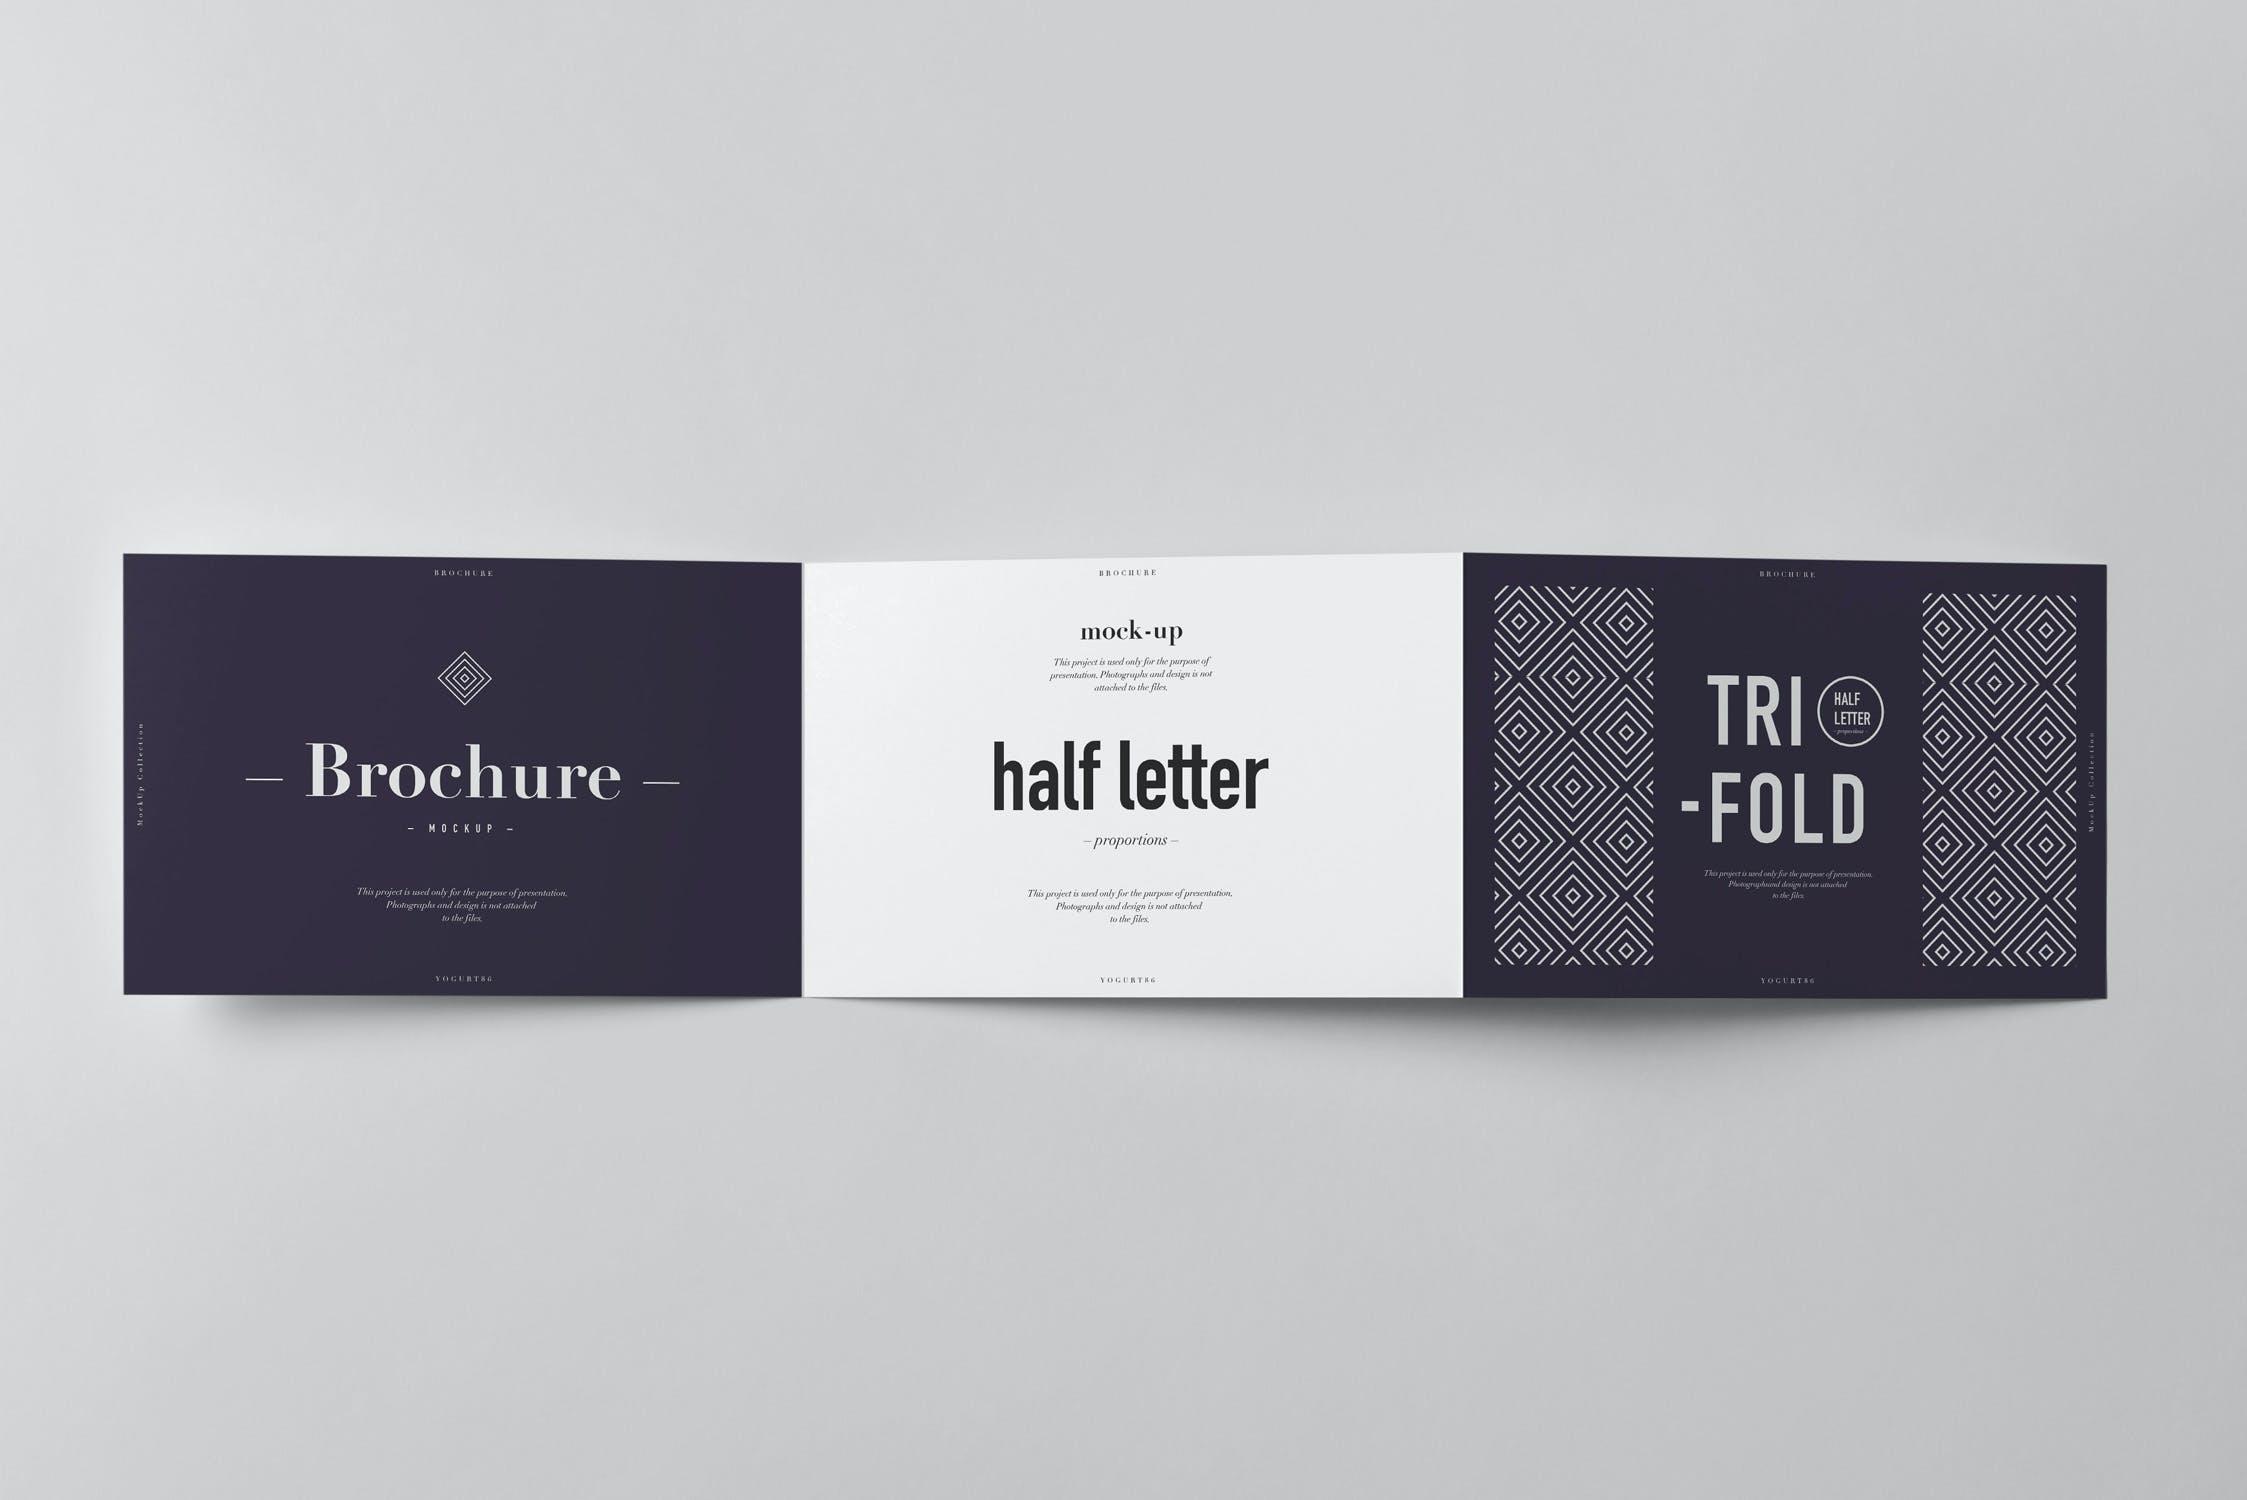 9款横版三折页小册子设计展示样机模板 Tri-Fold Half Letter Horizontal Brochure Mockup插图(10)